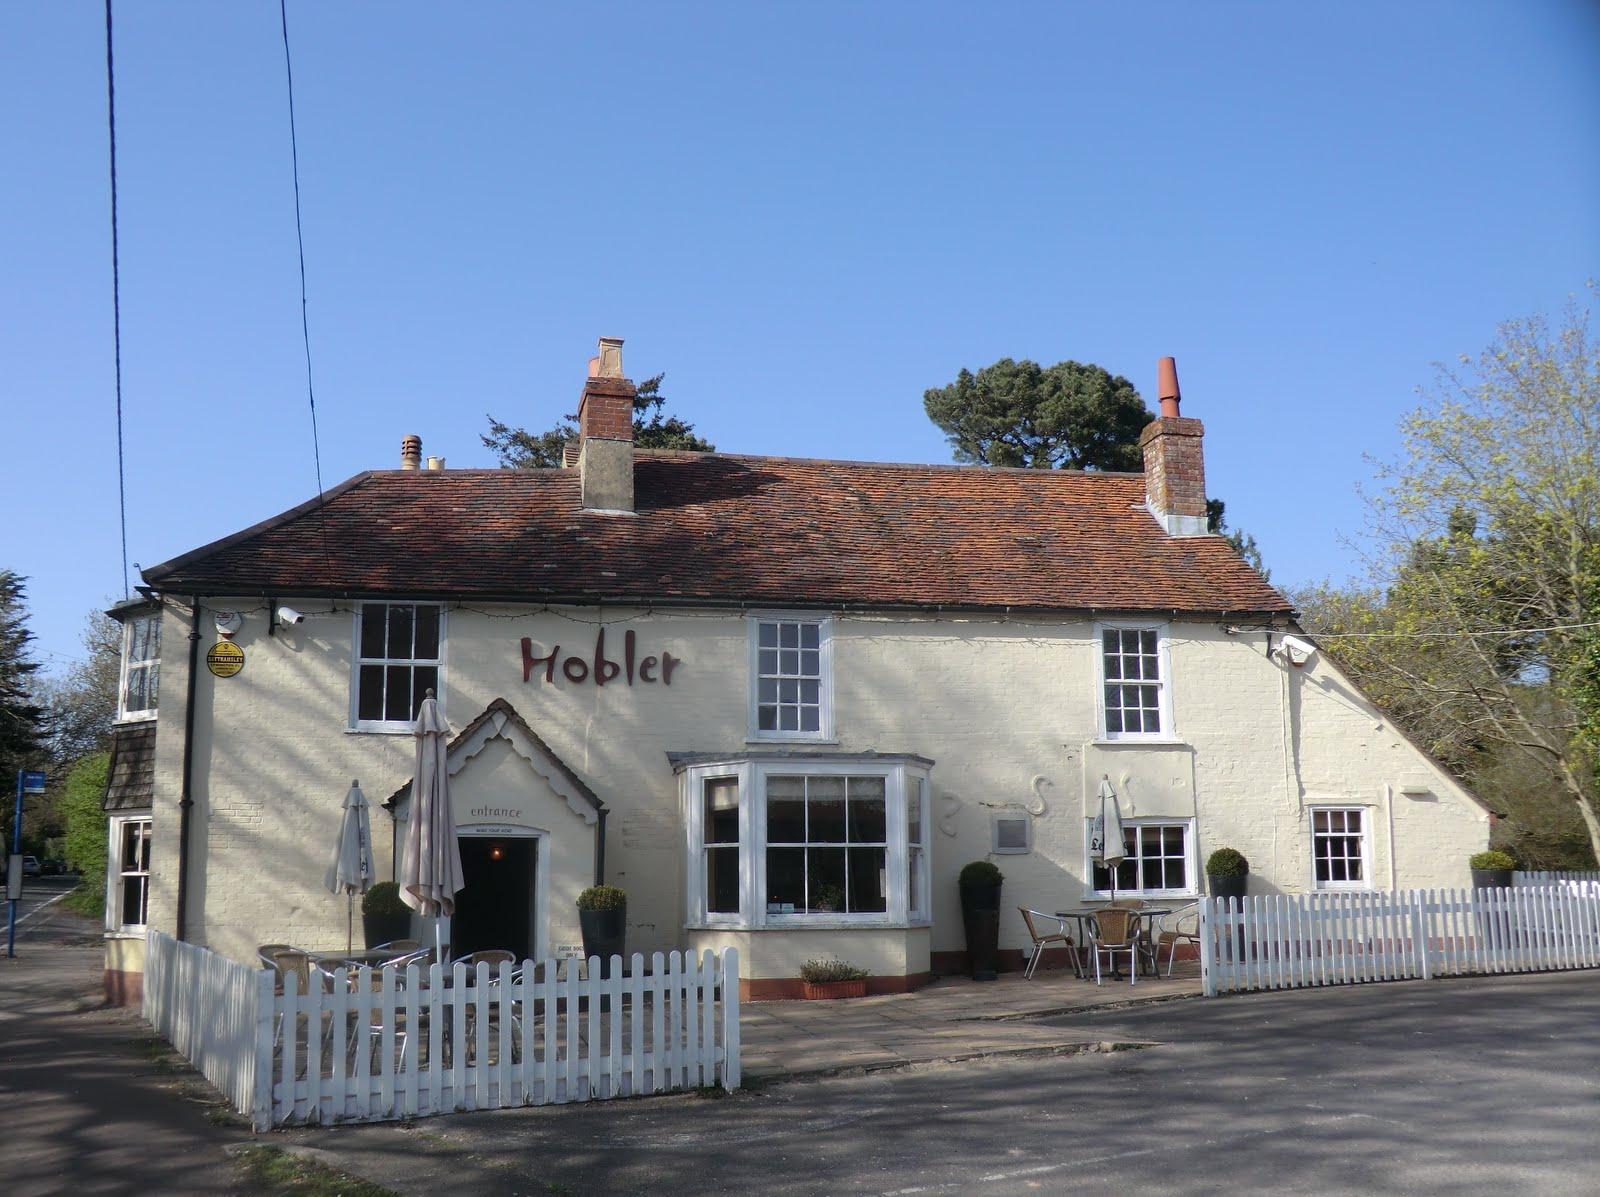 CIMG7795 The Hobler Inn, Battramsley